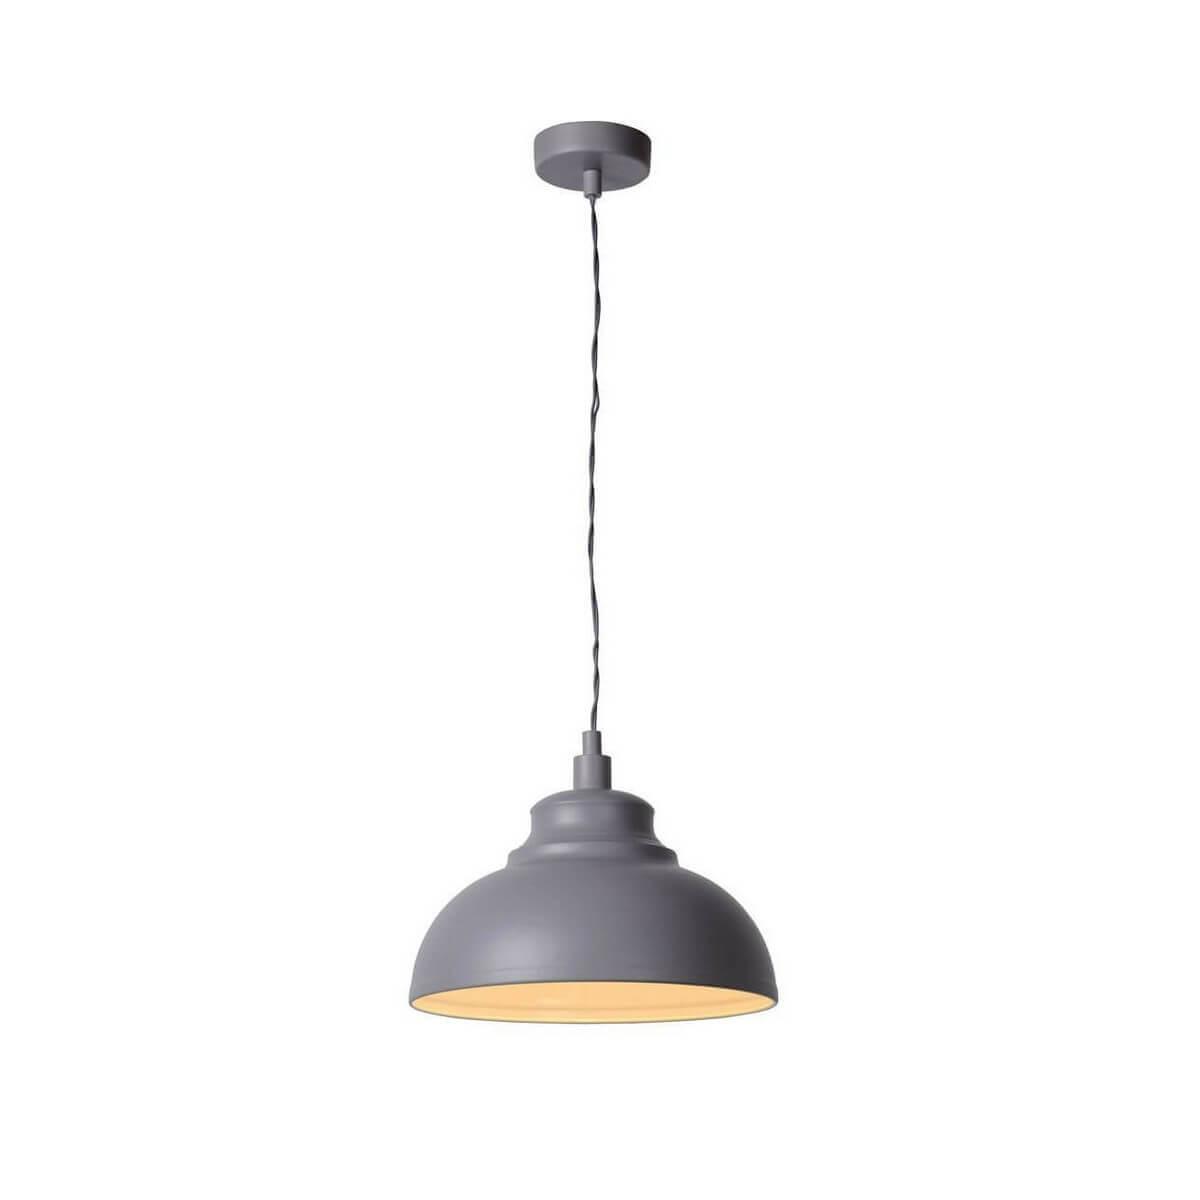 Подвесной светильник Lucide Isla 34400/29/36 светильник lucide isla 34400 29 38